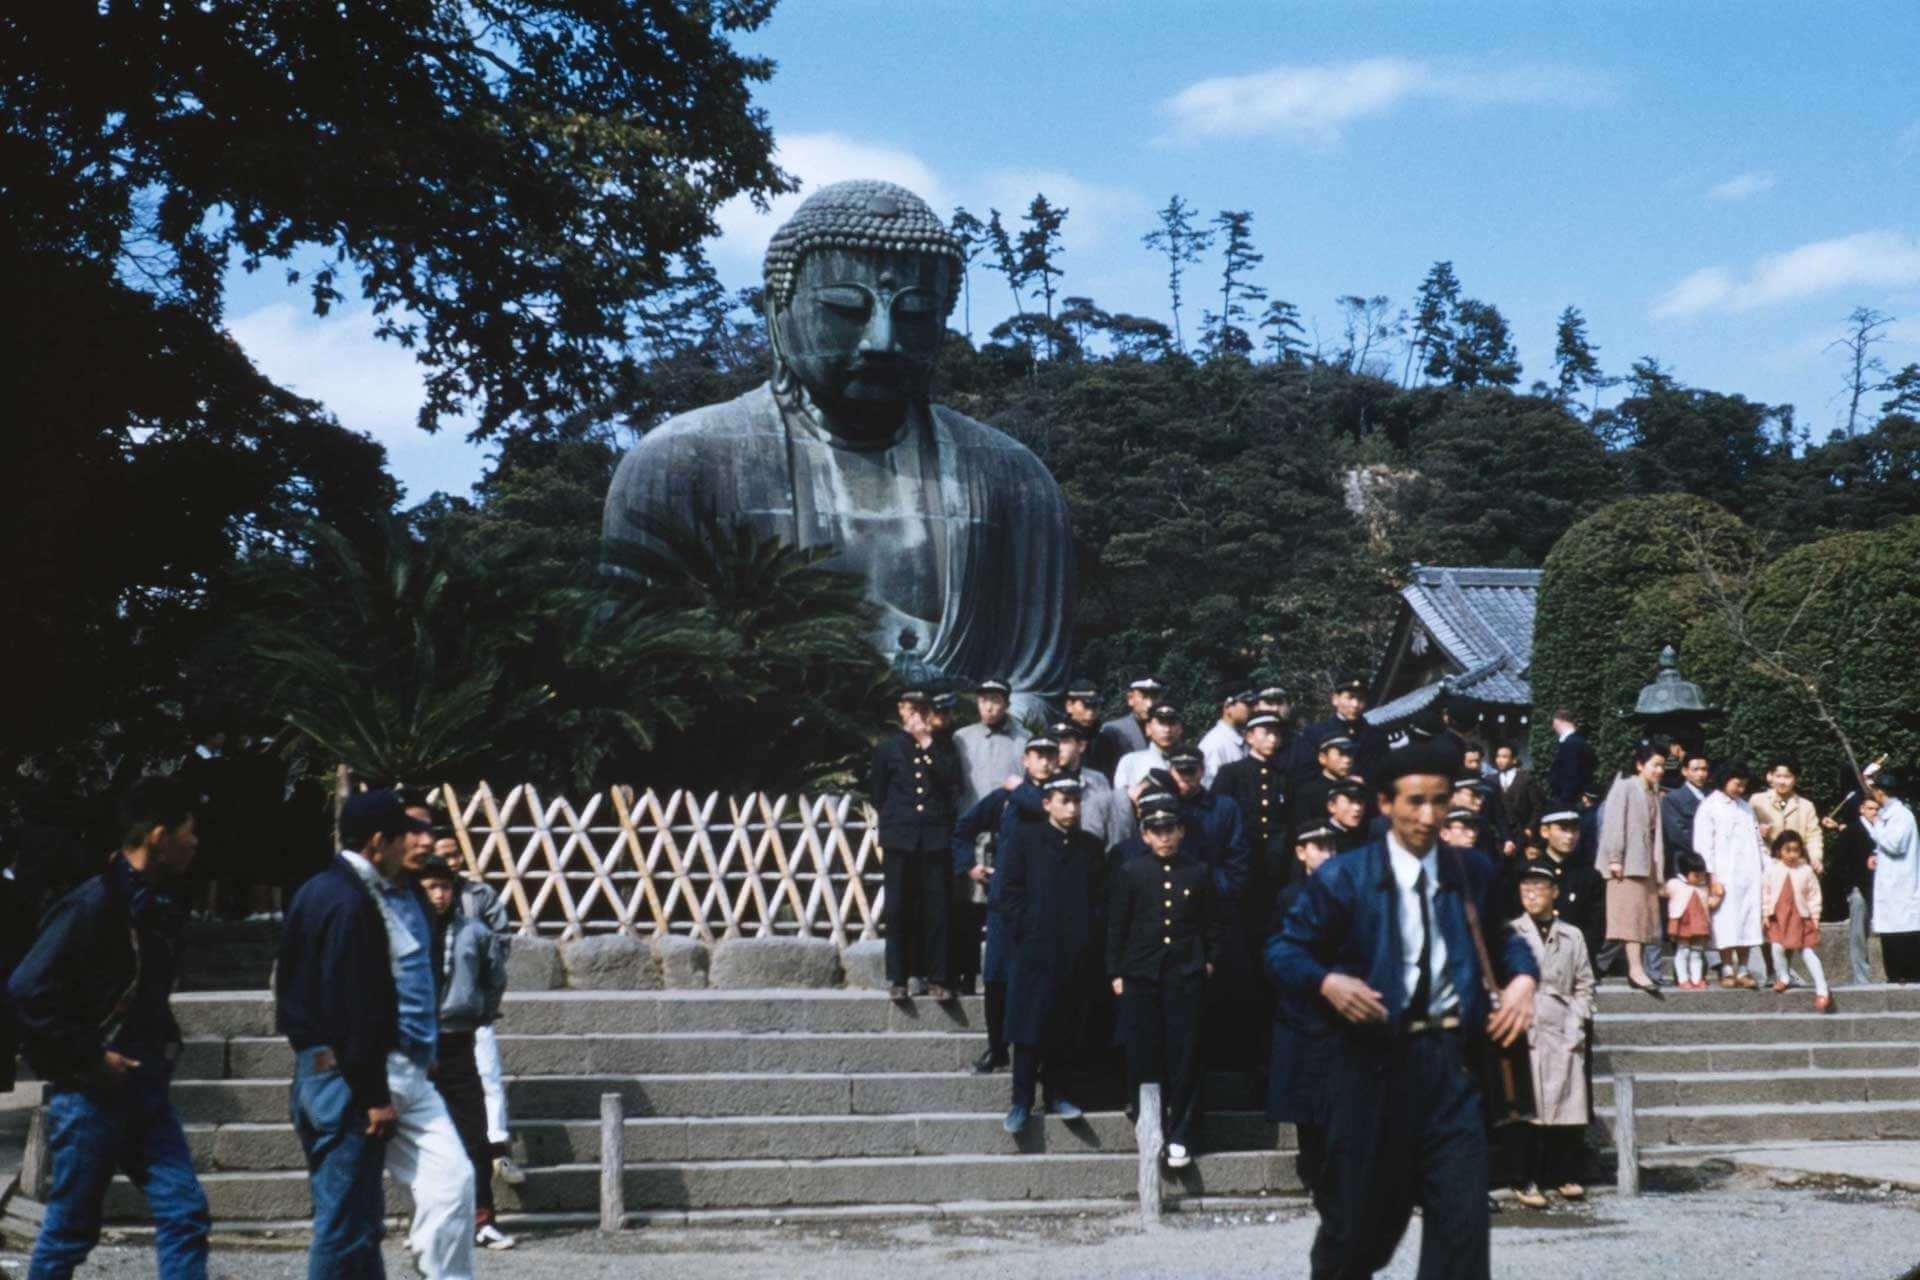 昭和30年代の風景をカラー写真で!『秘蔵カラー写真で味わう60年前の東京・日本』が累計4万部突破&収録内容が一部公開 art200904_tokyo-colourphoto_6-1920x1280